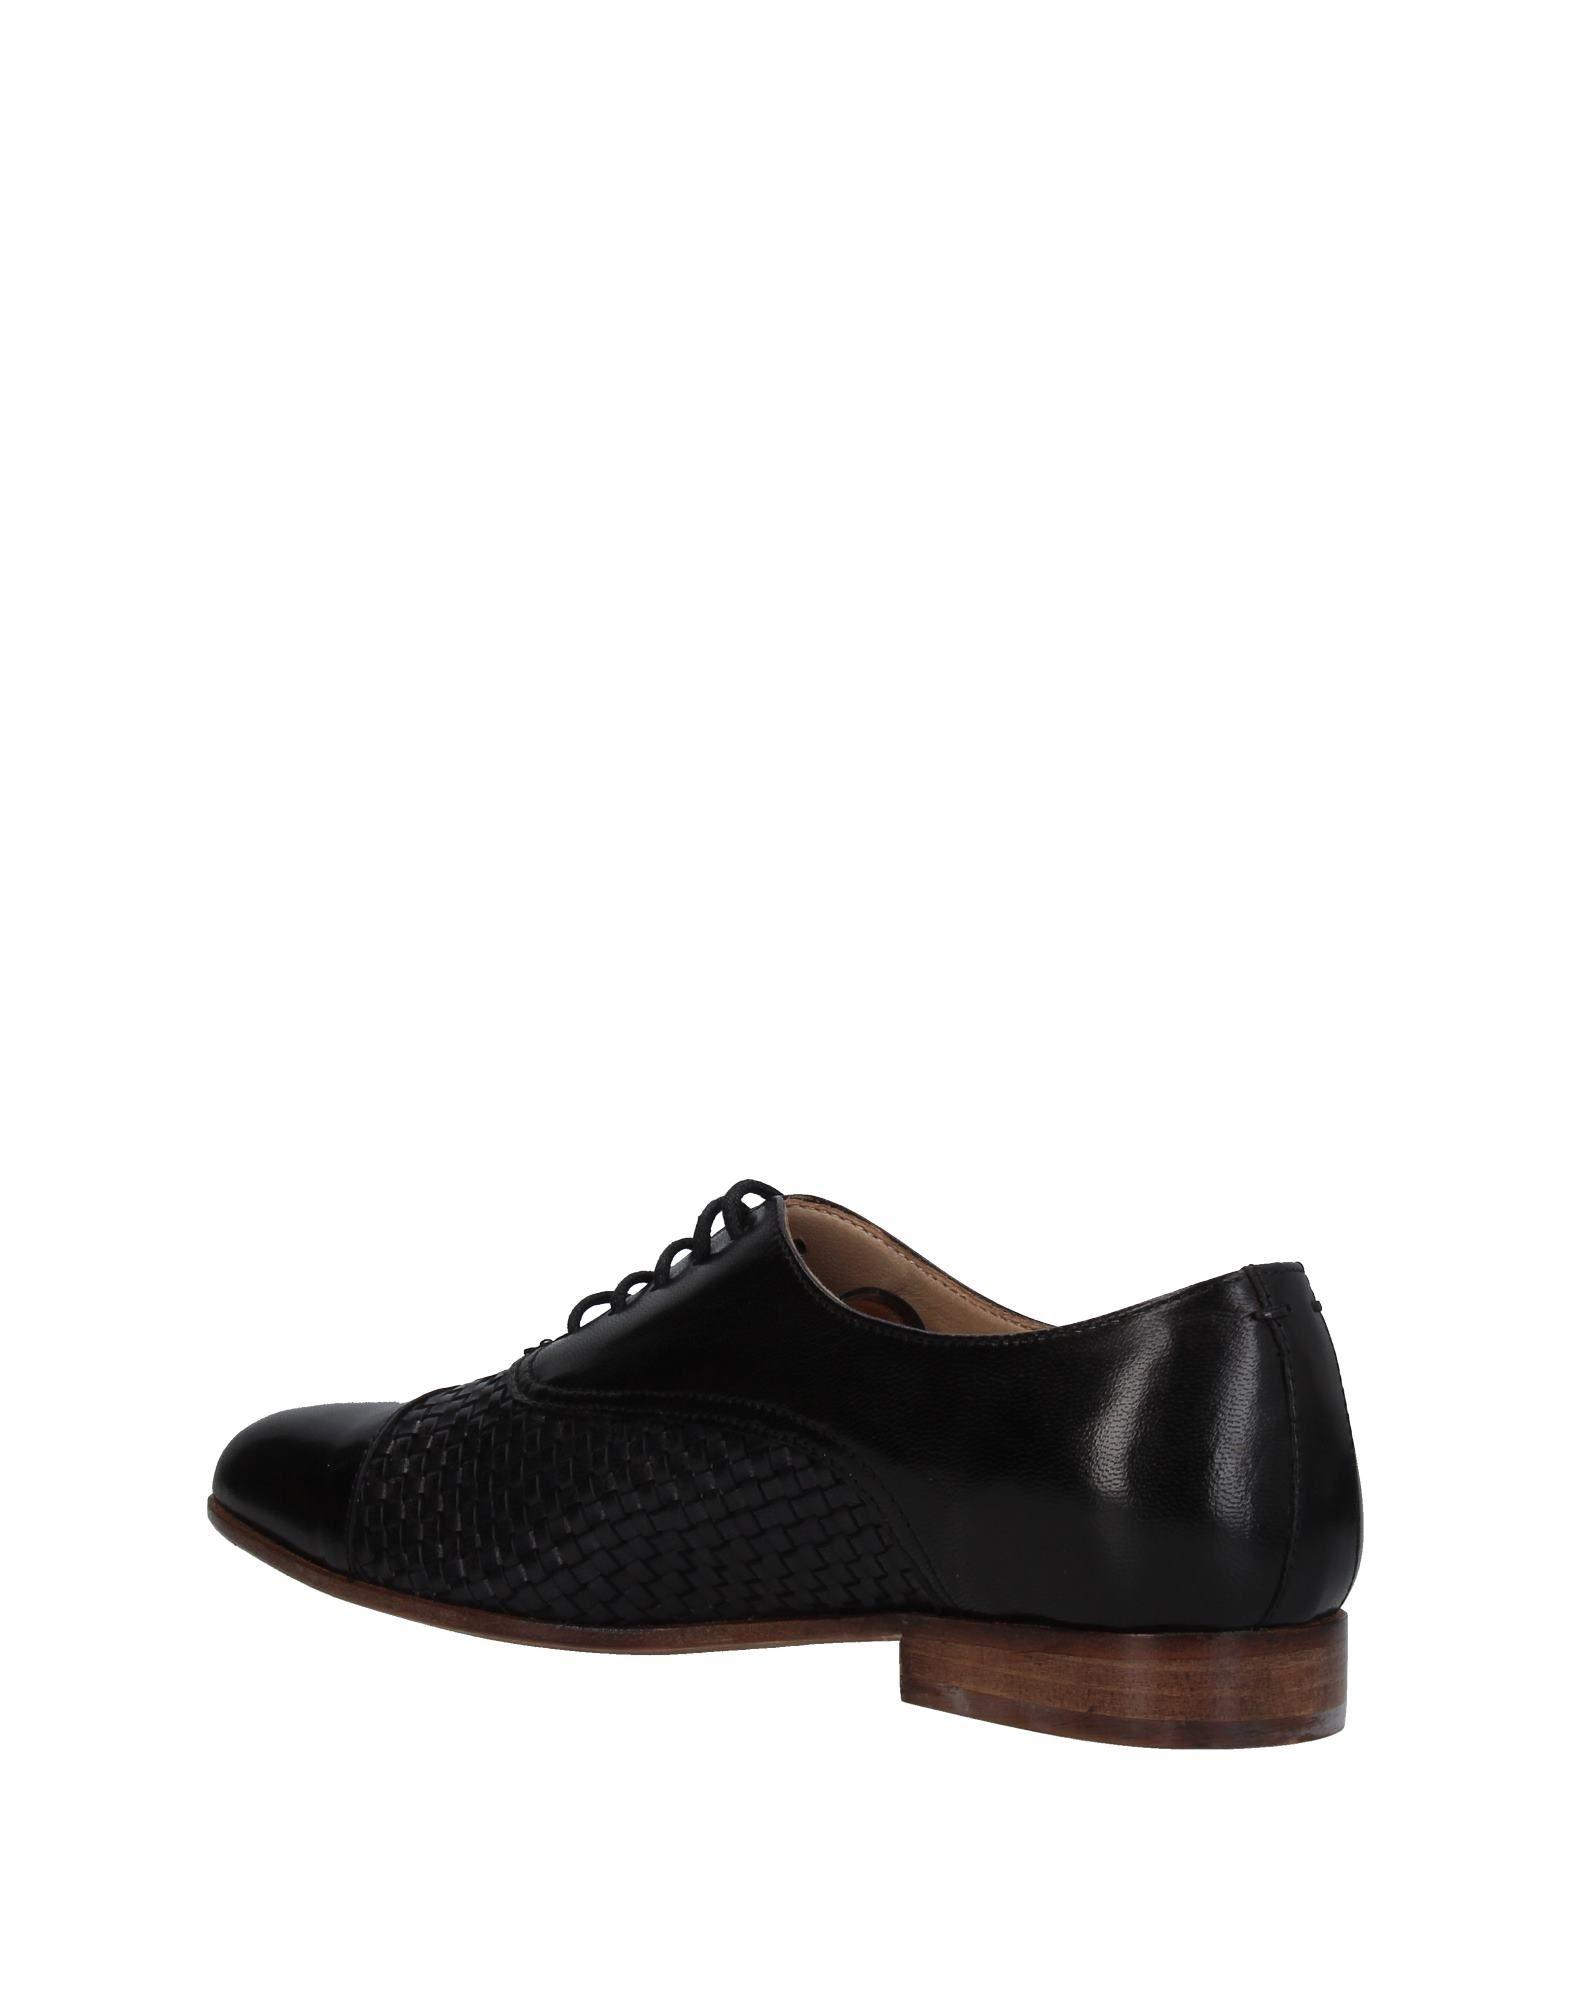 CHAUSSURES - Chaussures à lacetsCalpierre WLkJXvNq